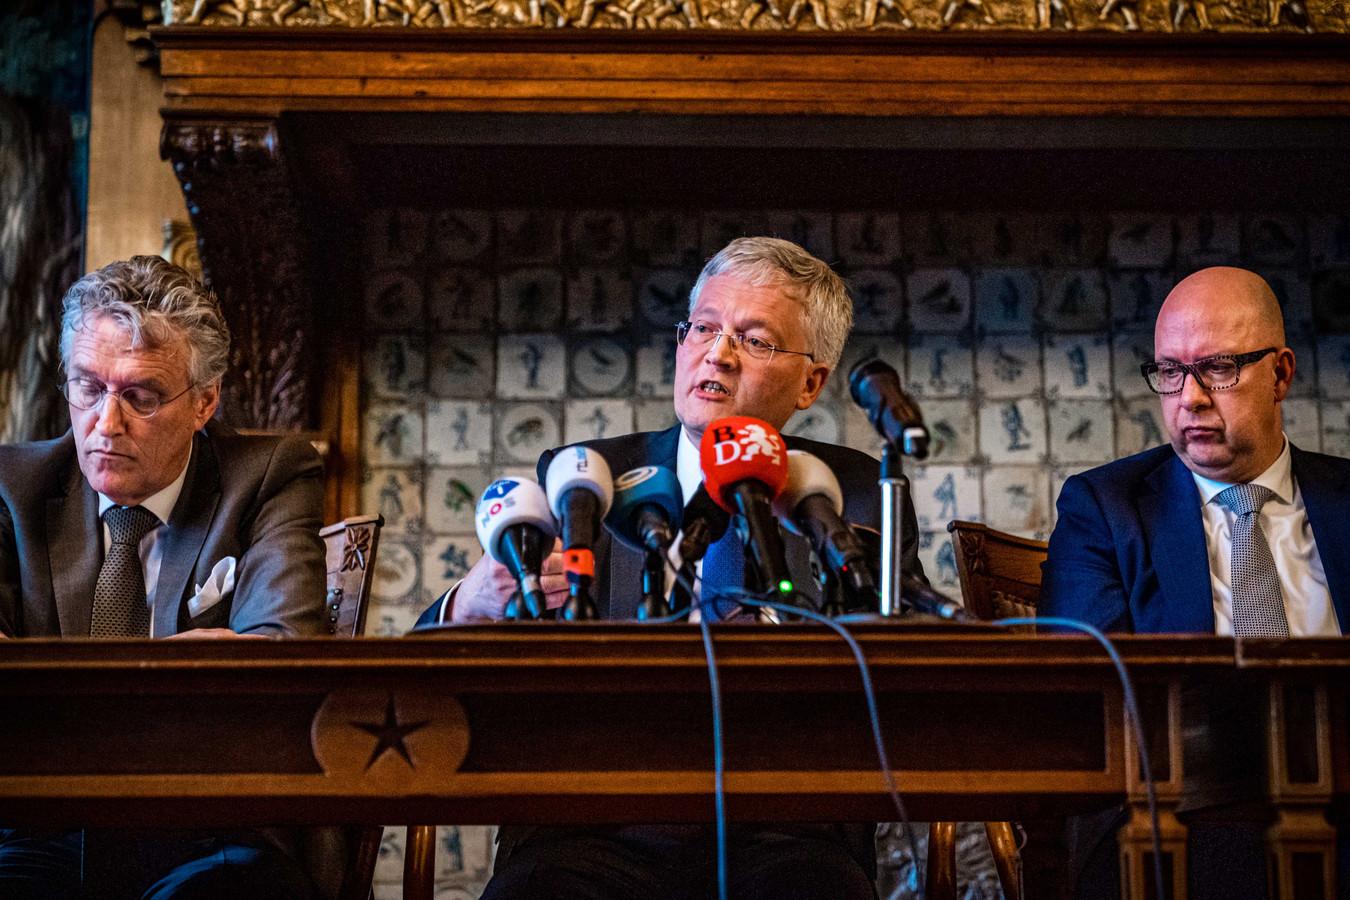 De burgemeesters Jack Mikkers (Den Bosch), Theo Weterings (Tilburg) en John Jorritsma (Eindhoven) bij een eerder persmoment.